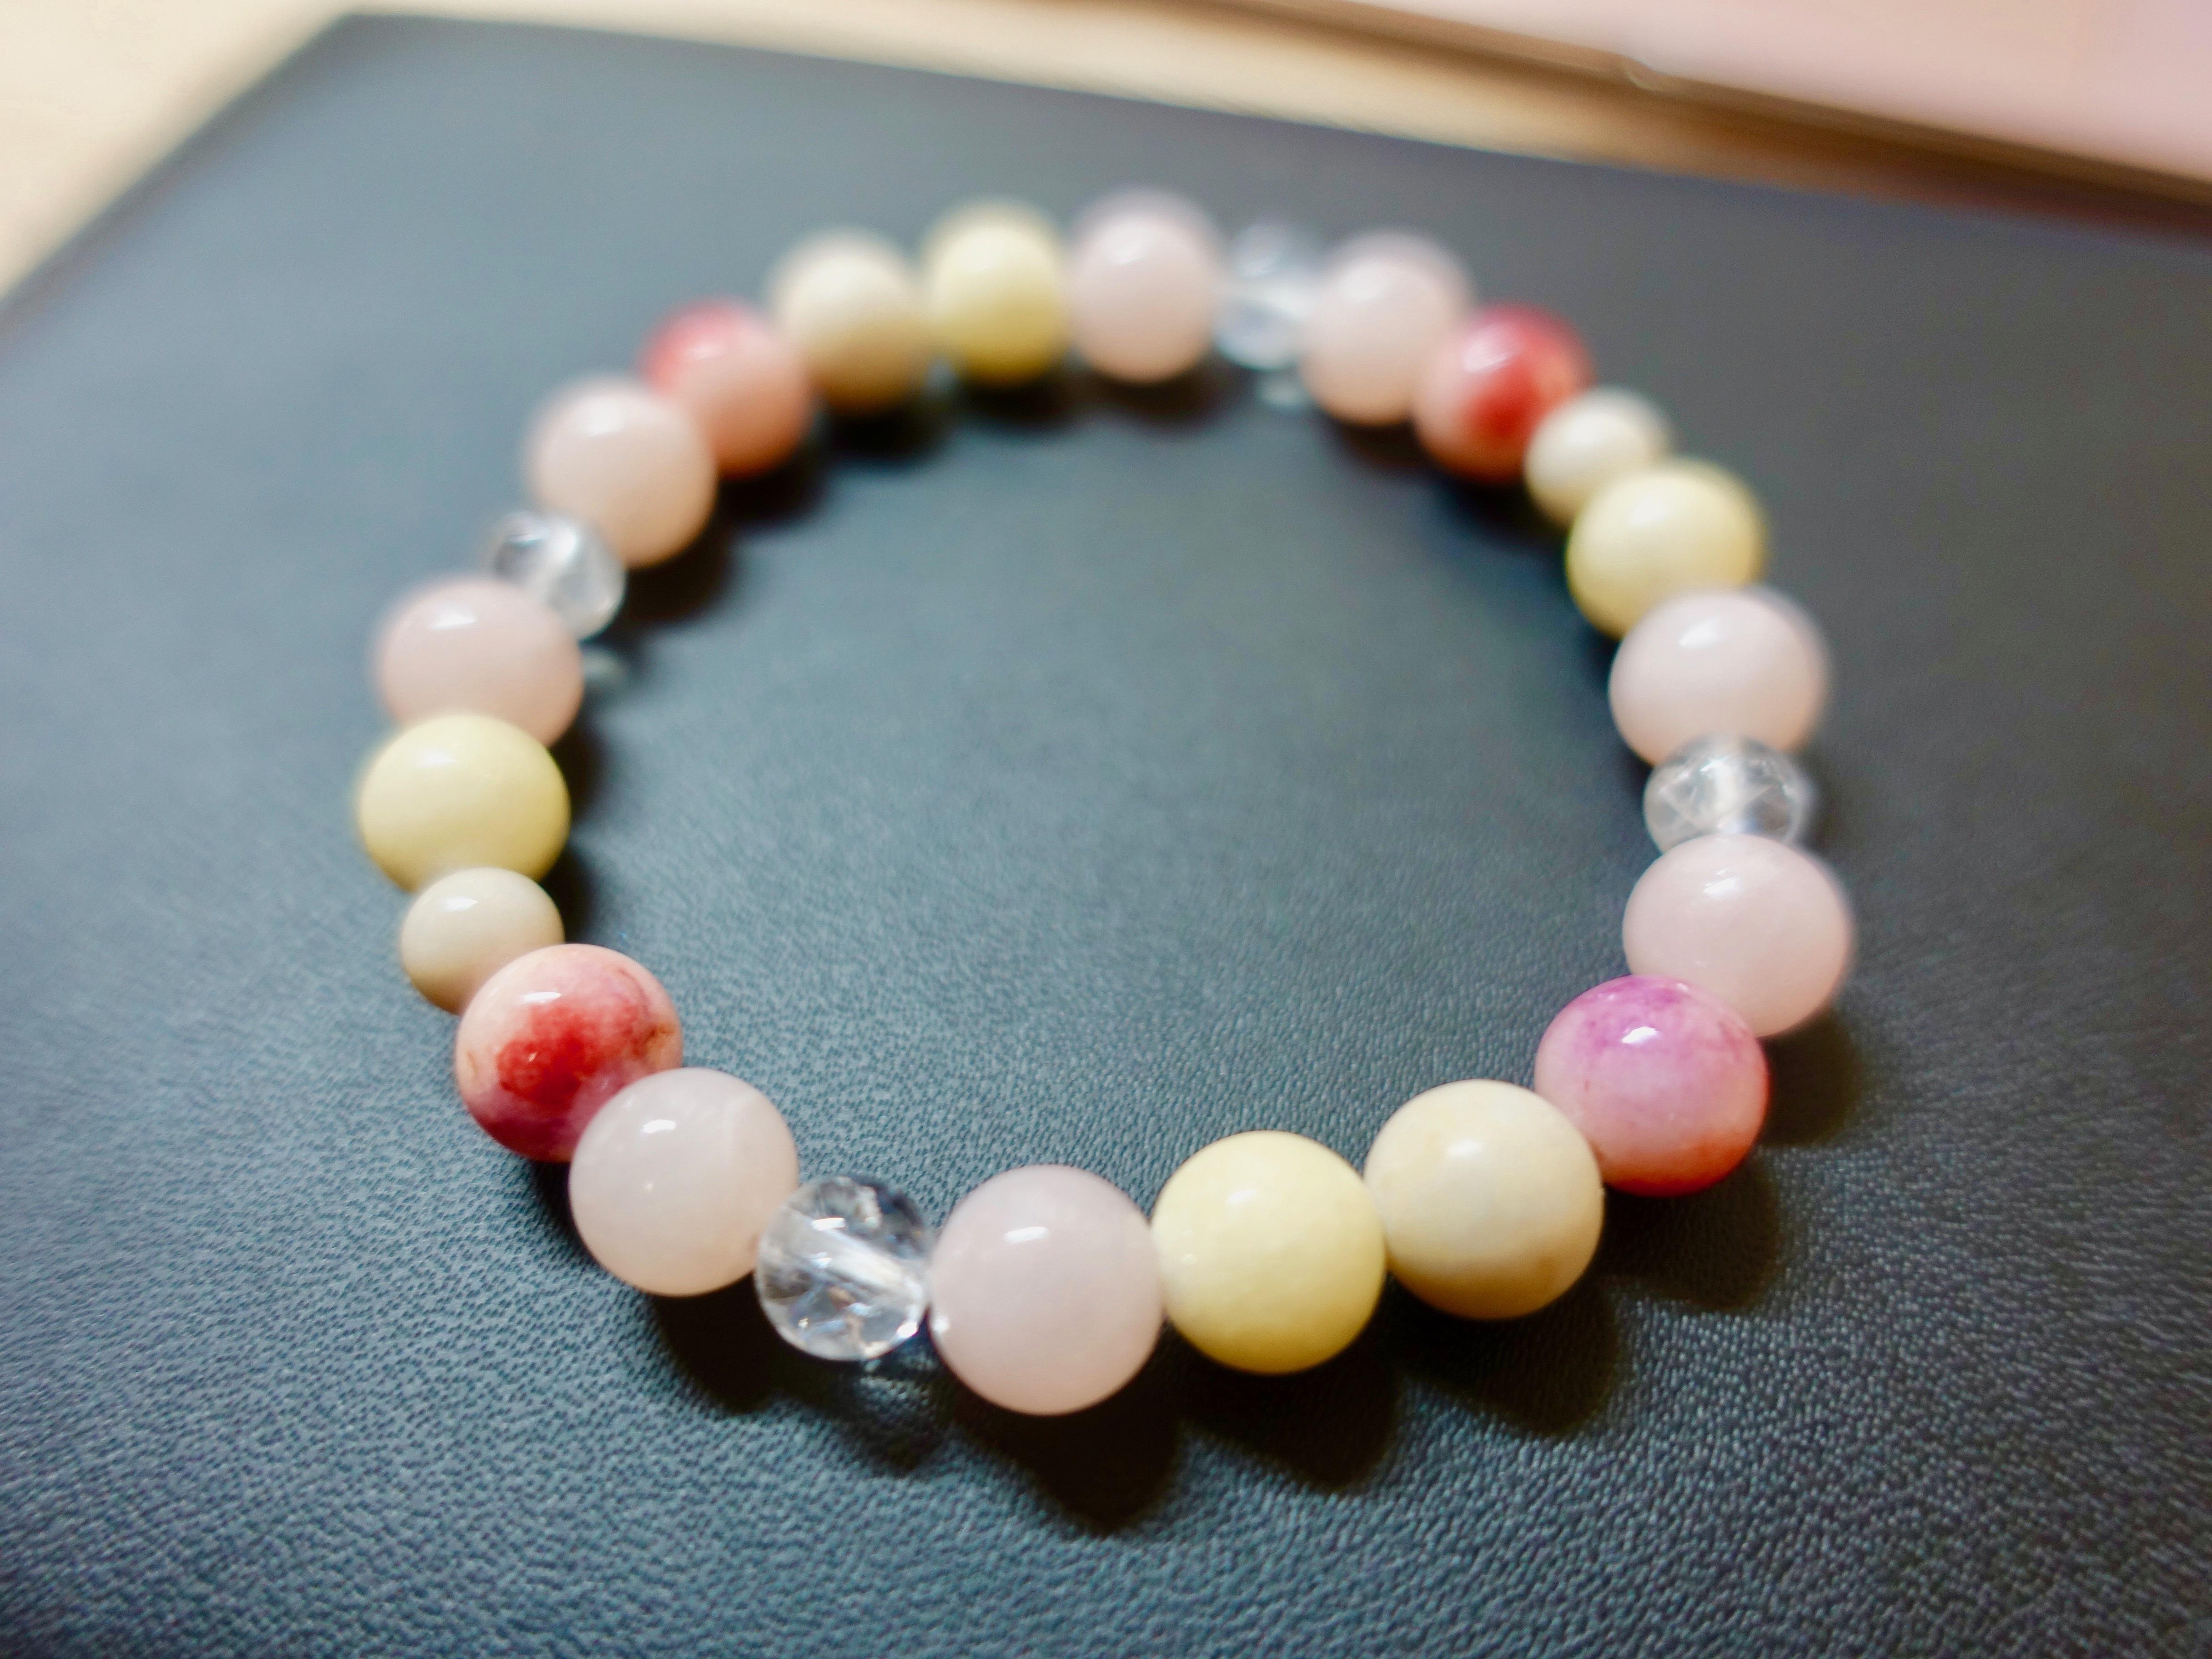 桜梅桃李  〜あなたの魅力を引き出してくれる天然石ブレスレット〜 パワーストーン